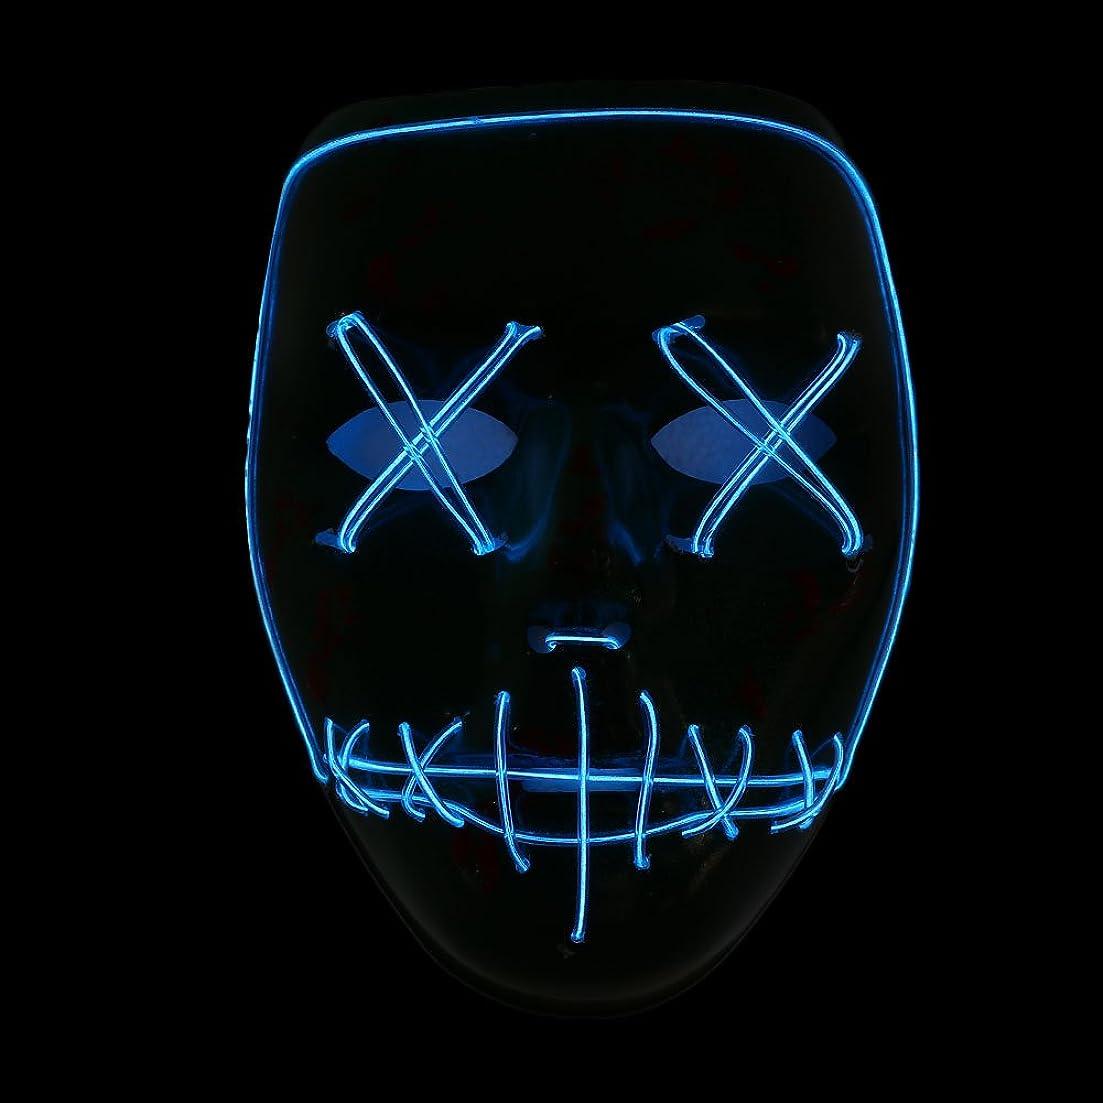 疲れた責め安西Auntwhale ハロウィーンマスク大人恐怖コスチューム、光るゴーストフェイスファンシーマスカレードパーティーハロウィンマスク、フェスティバル通気性ギフトヘッドマスク